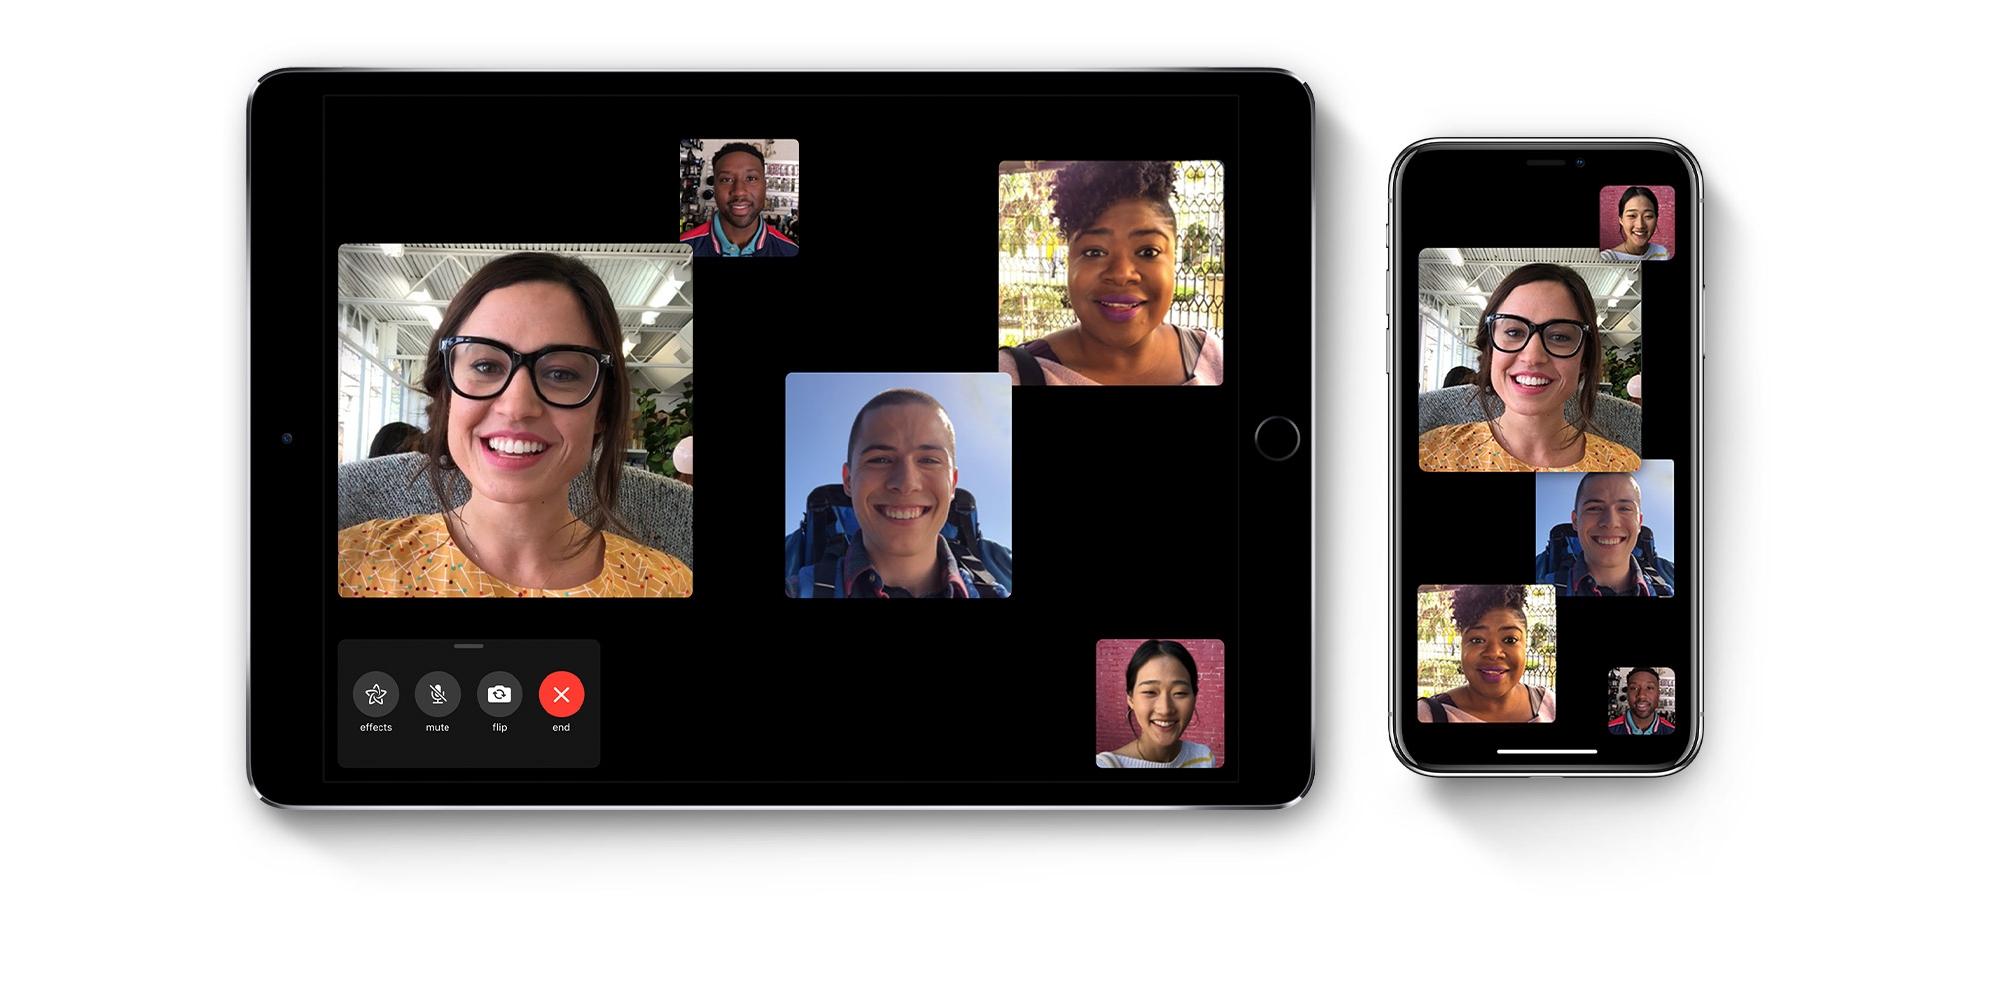 Dette er iOS-versjonen som skal rette FaceTime-feilen, hvor er den?